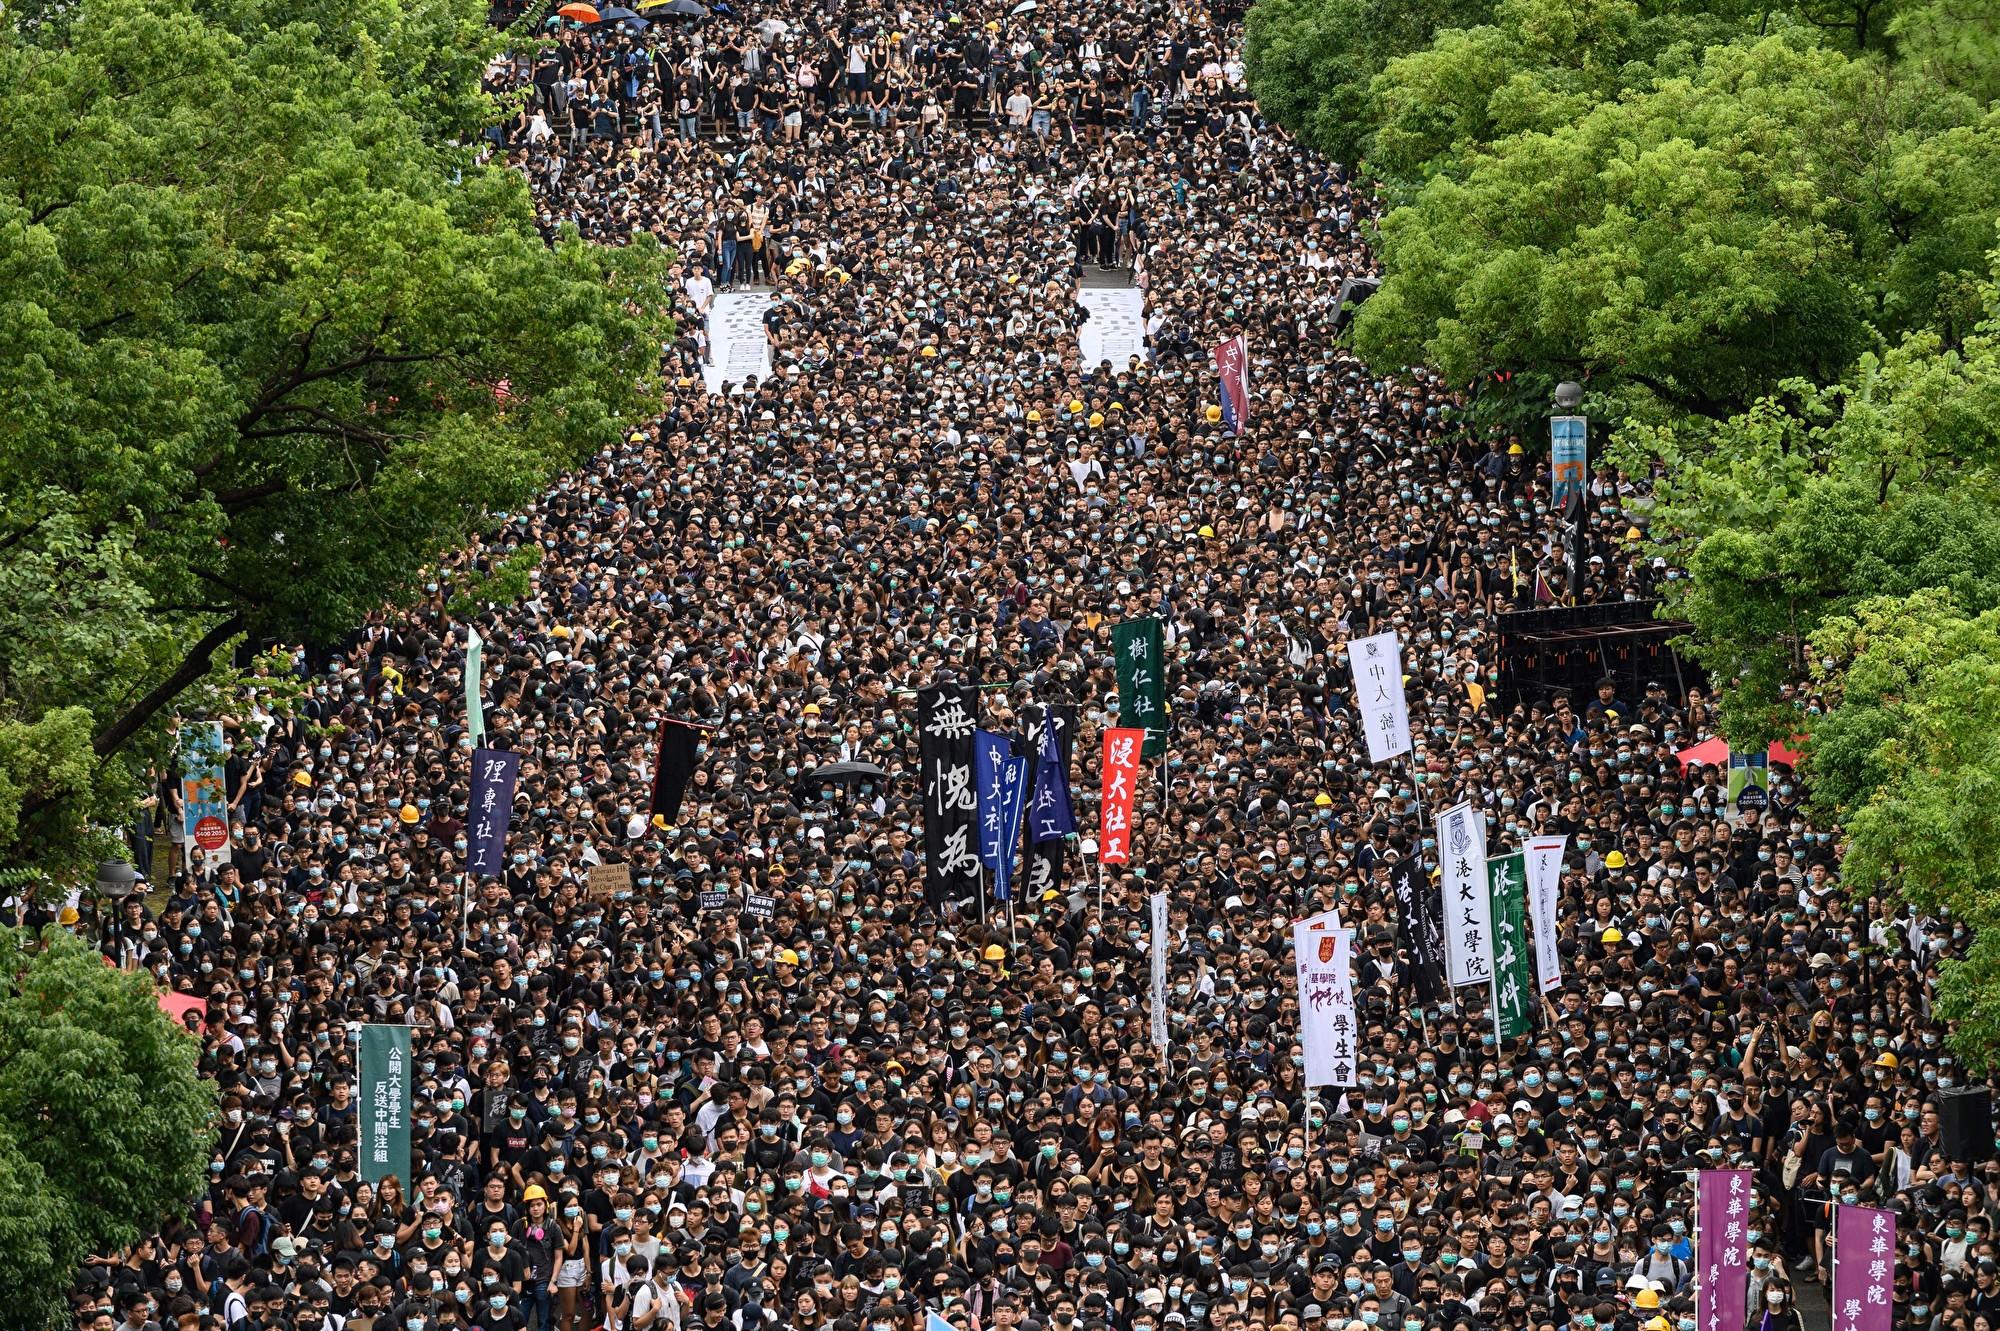 【9.2反送中】逾7萬人參加雙罷集會 警射胡椒噴霧